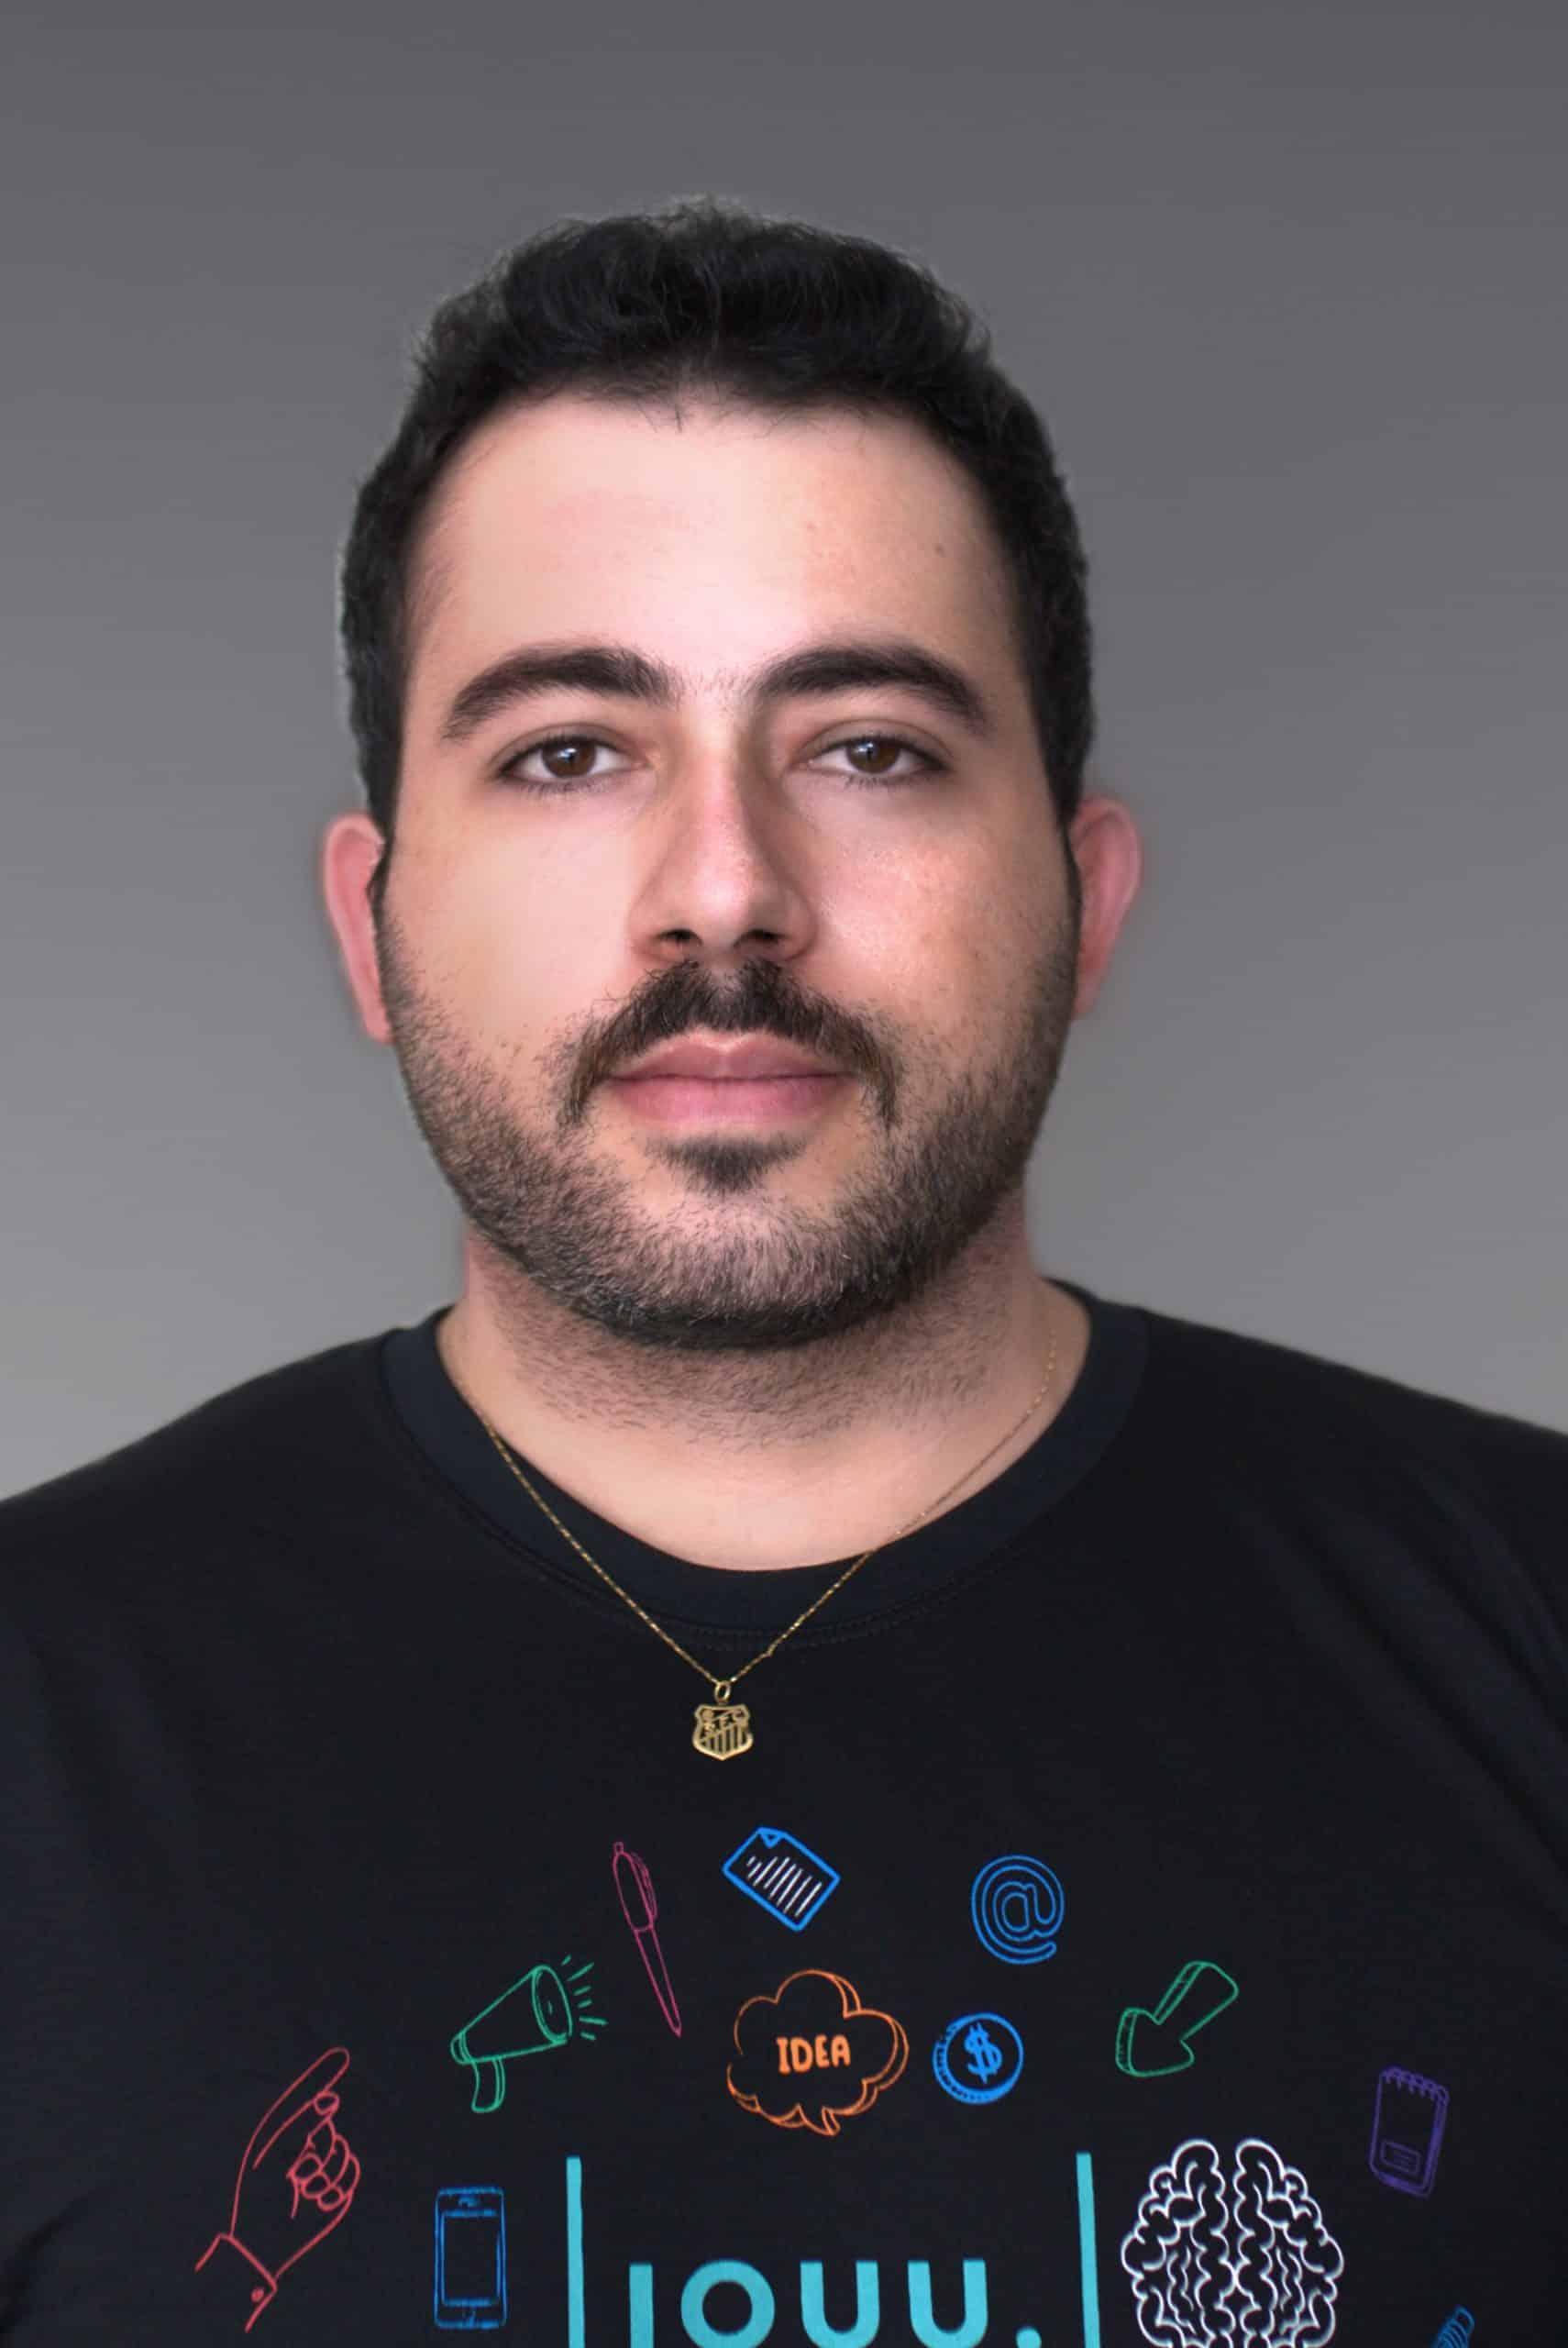 Empresa de empréstimos e investimentos alternativos - Funcionário Felipe Marchioli